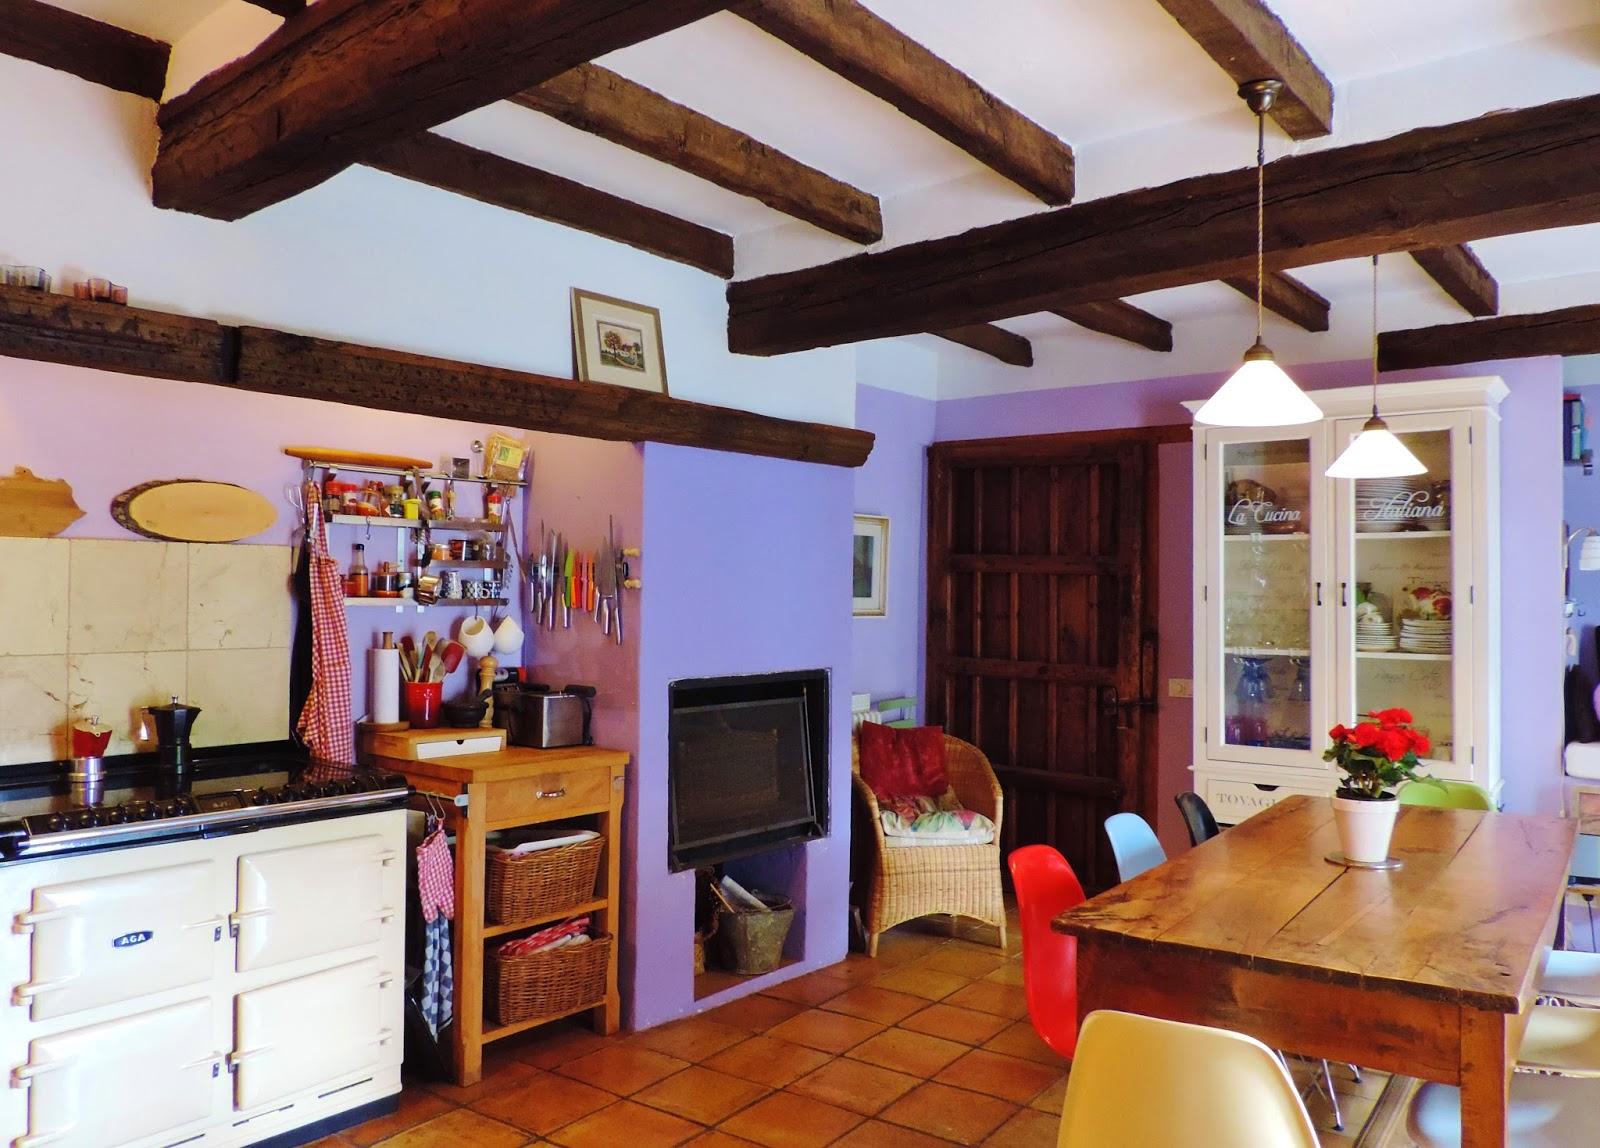 Casas y pisos en venta madrid gr re max cl sico servicios - Fuente decoracion interior ...